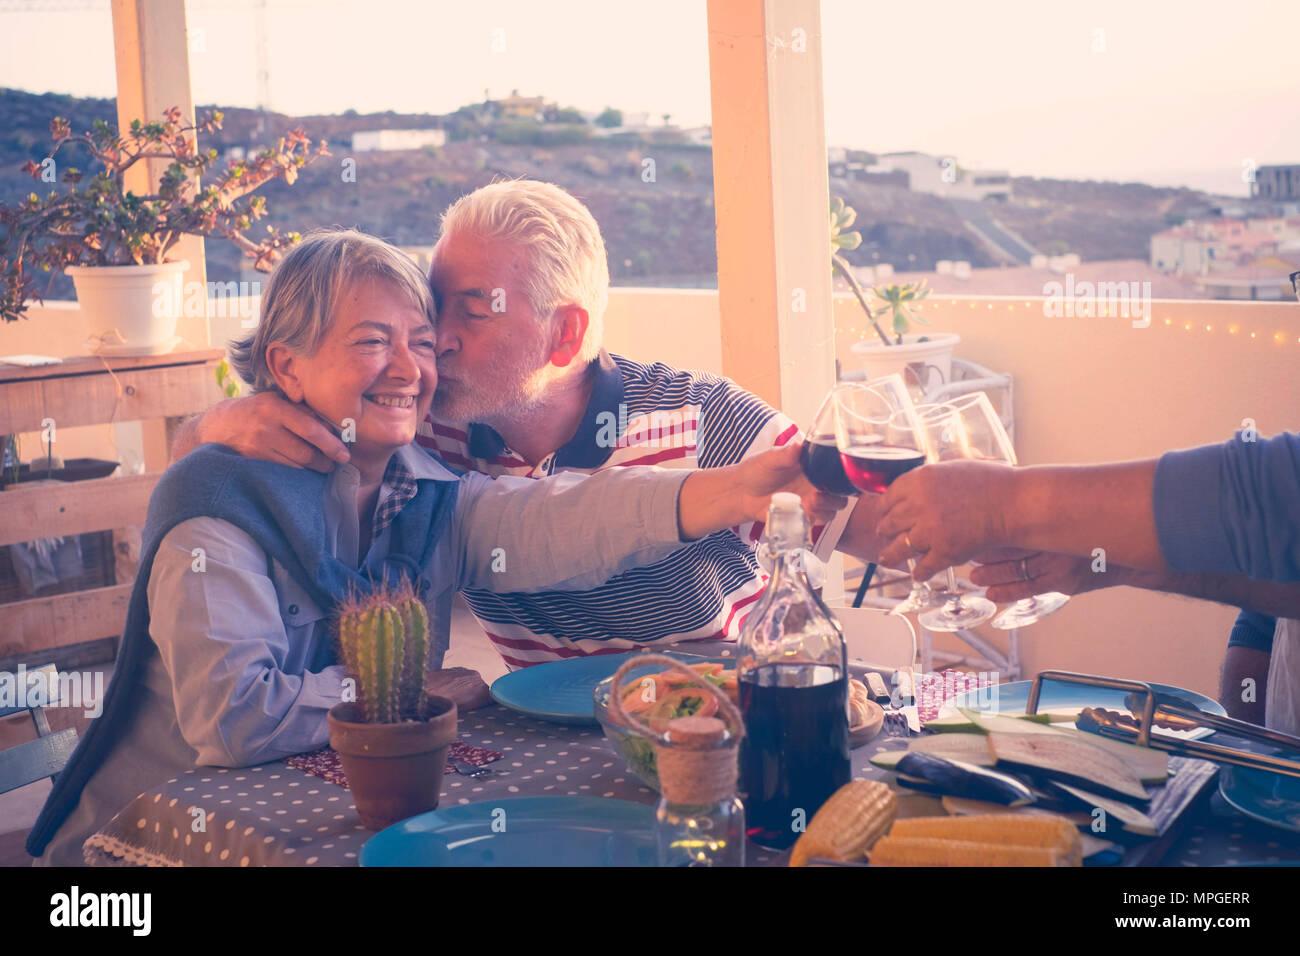 Groupe d'amis adultes âgés de hauts en train de dîner et faisant partie agréable moment dans le toit-terrasse piscine avec du vin et de l'alimentation. s'amuser et baiser du Photo Stock